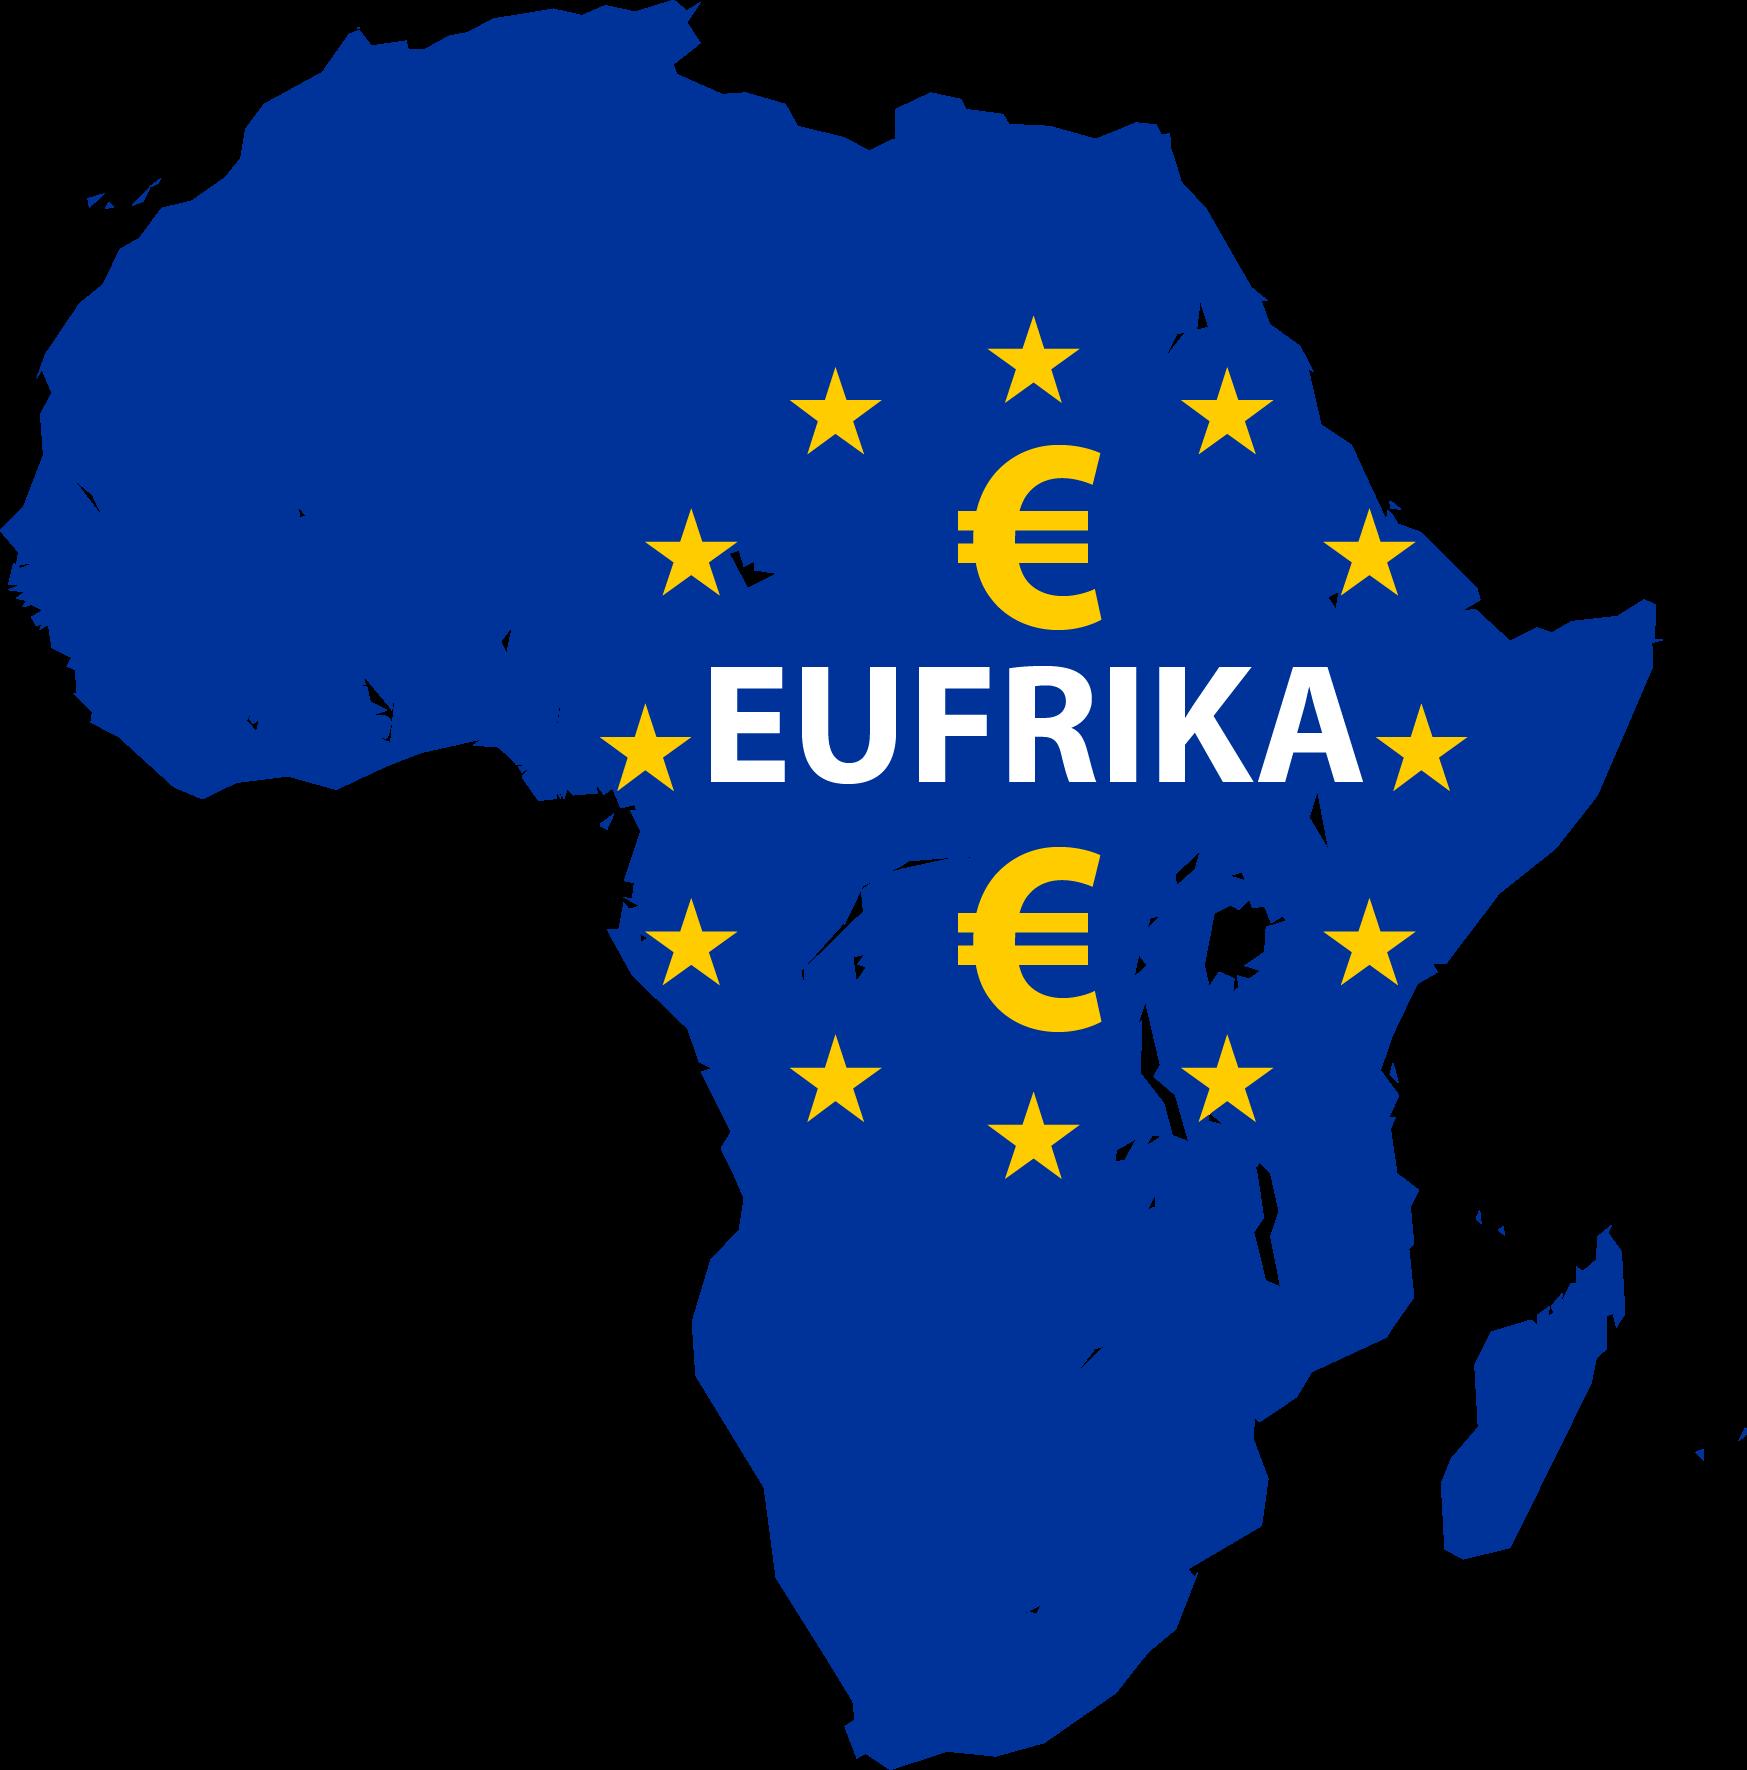 Bildergebnis für Bilder zu Europa wird Afrika